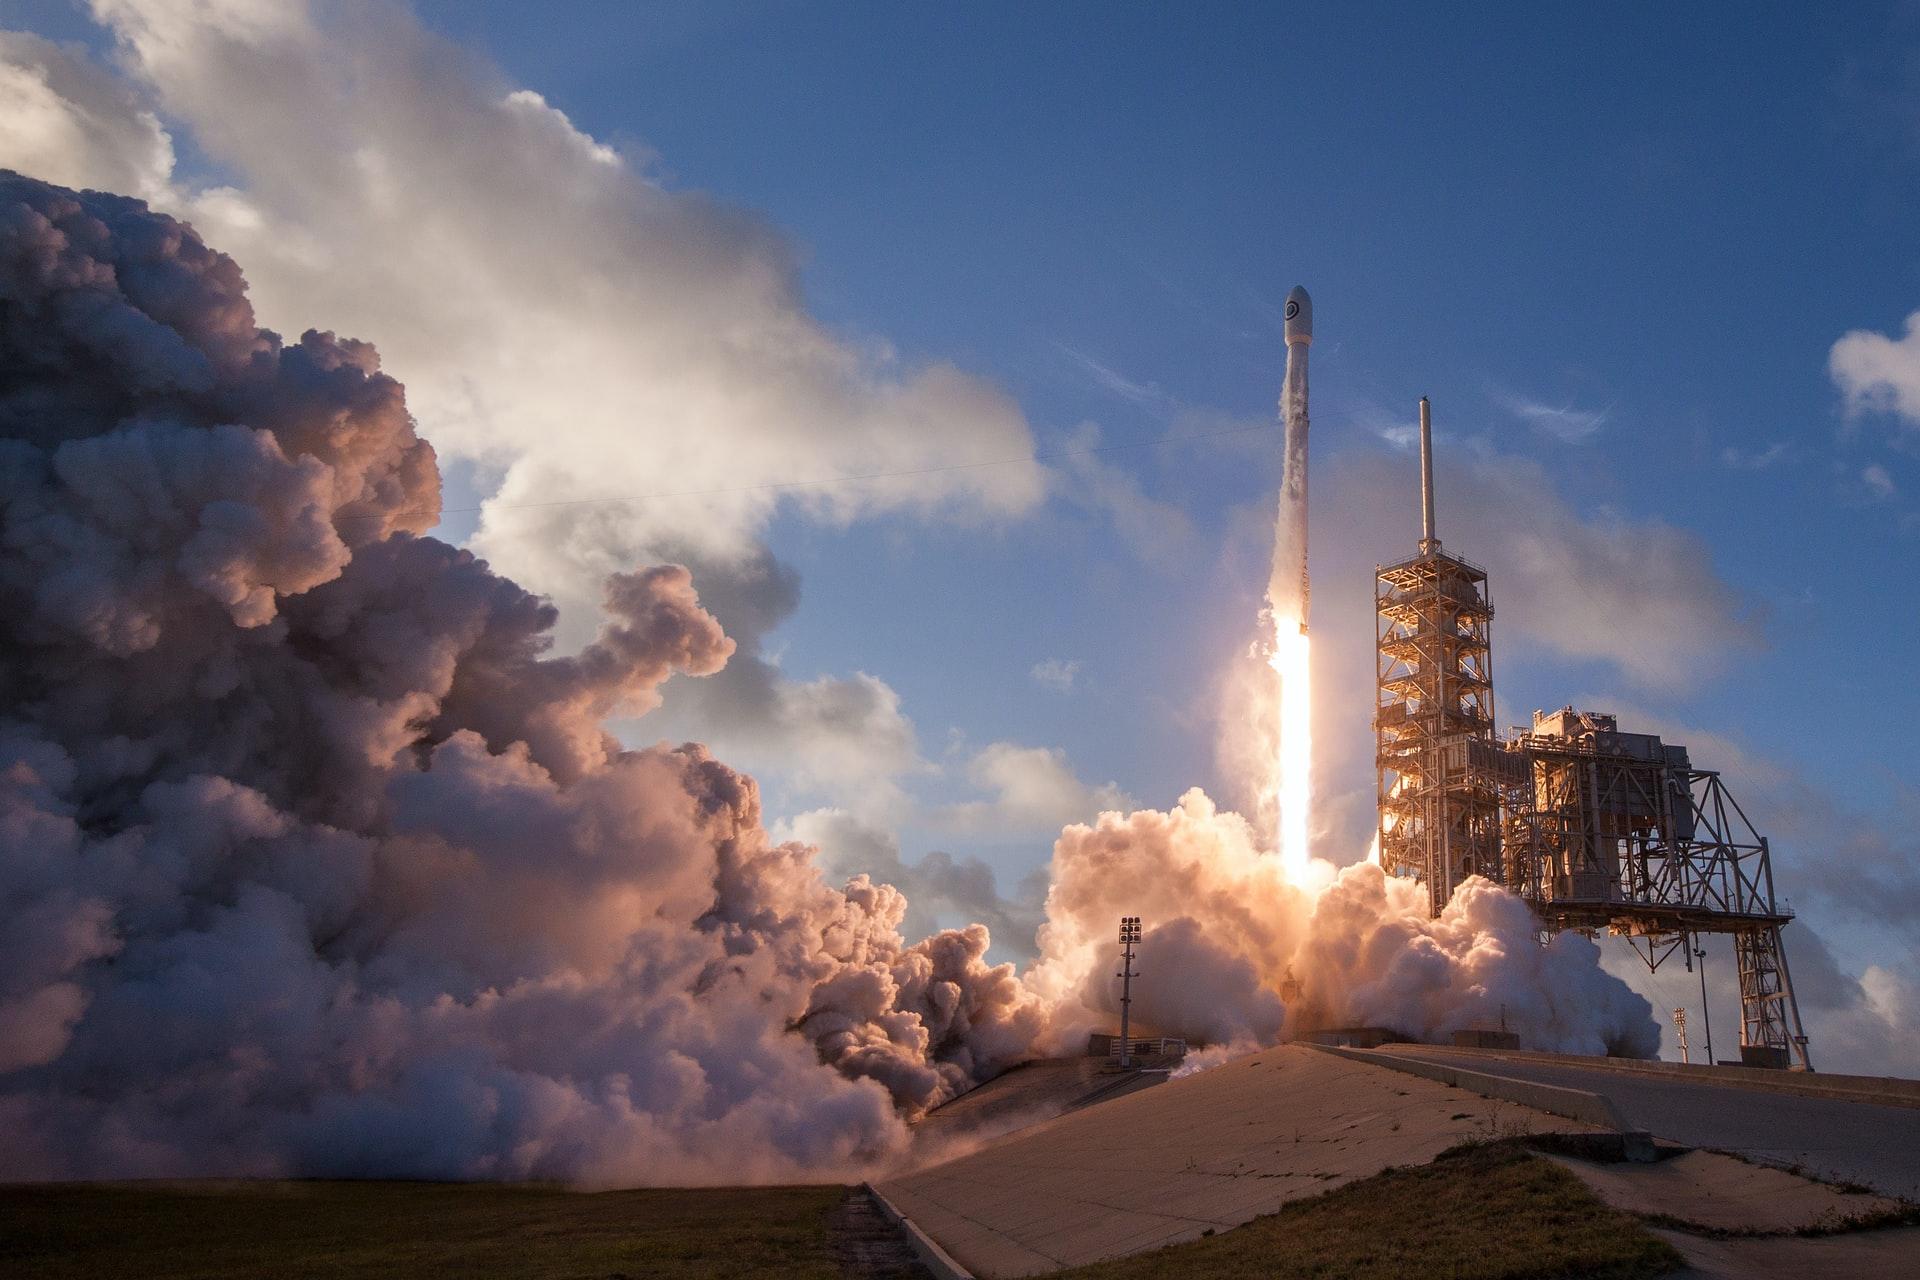 Space X projesinde uzaya ilk defa astronot yollanırken, roket ateşlenmiş.